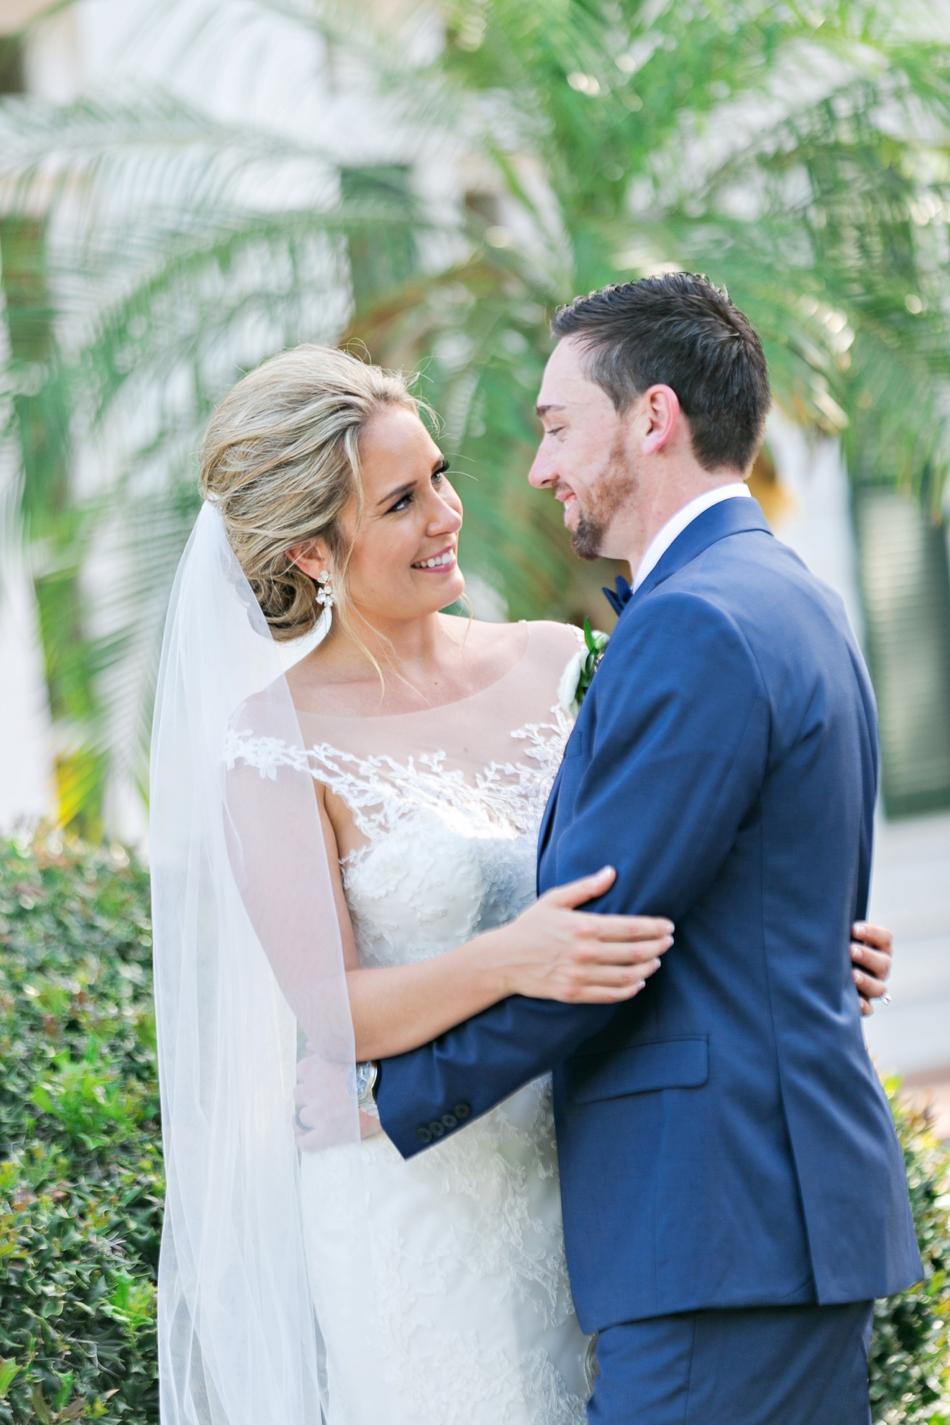 Gorgeous bride looking at groom